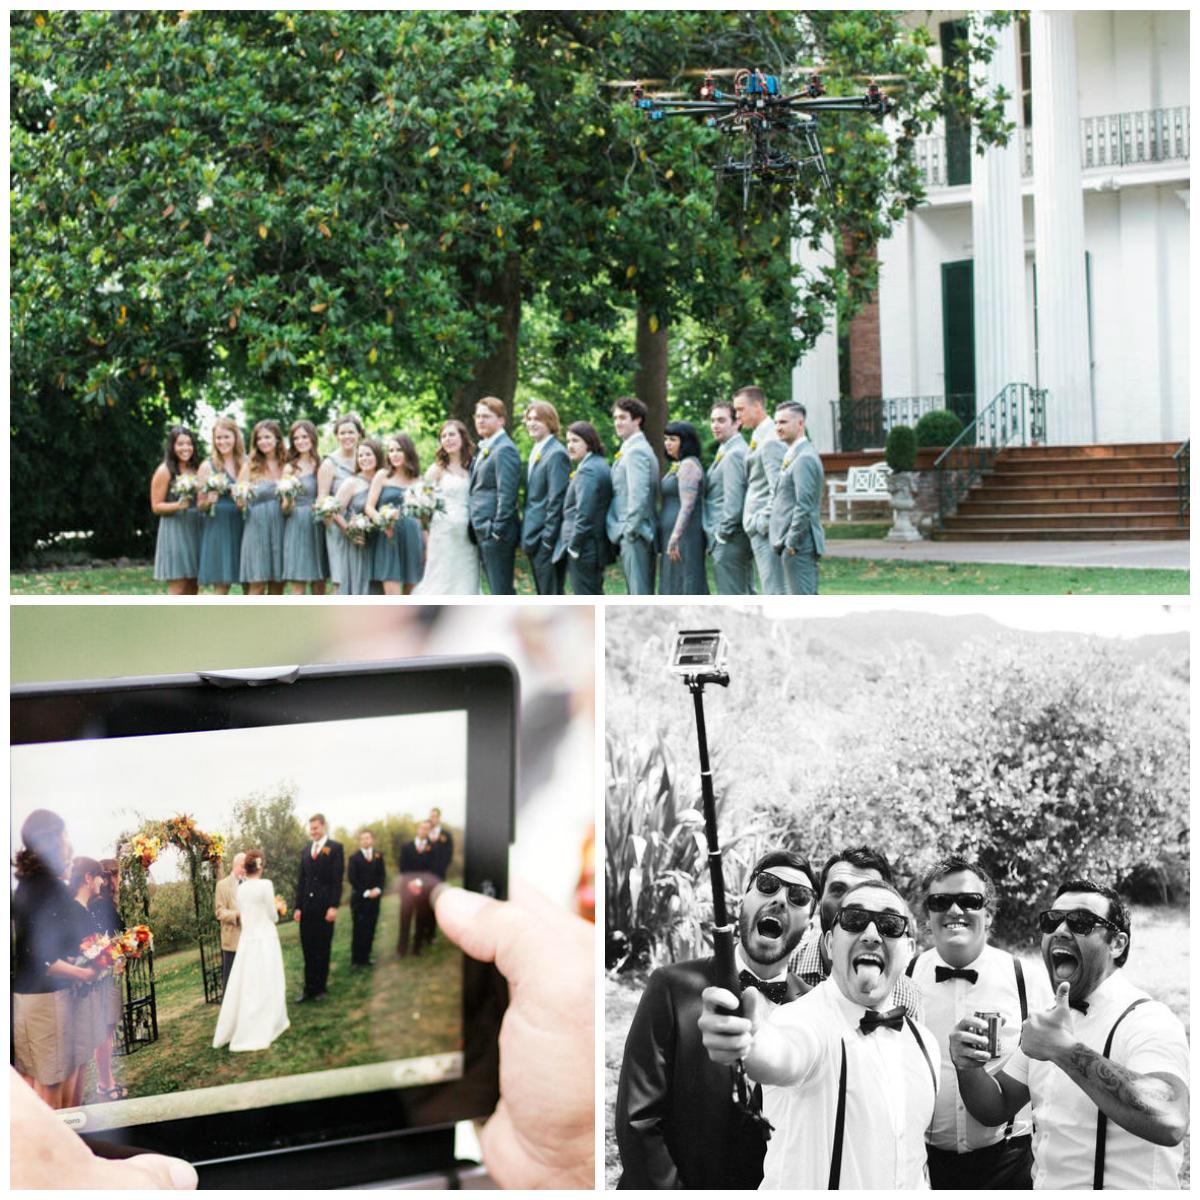 Ultimele trenduri de nunta 2016 oferite de specialistii de la Hotel Stil 2